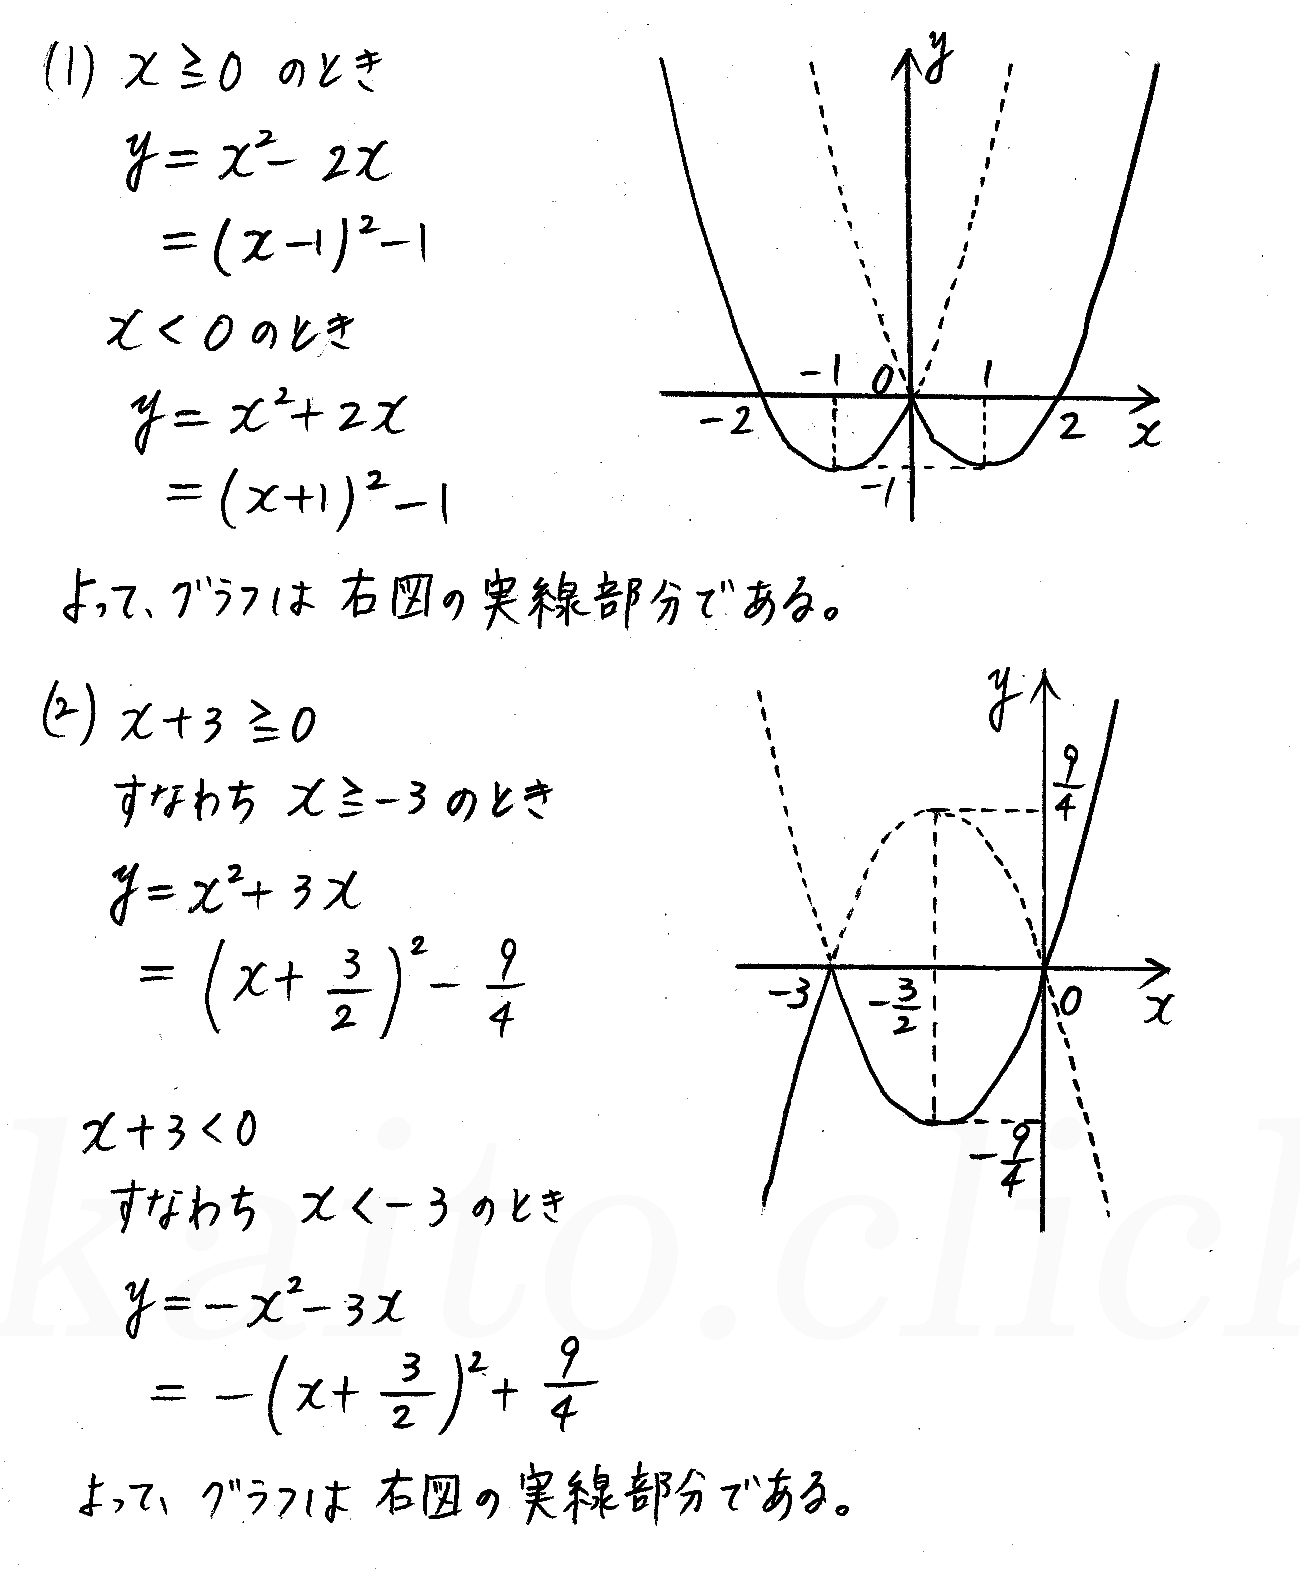 改訂版4プロセス数学Ⅰ-222解答